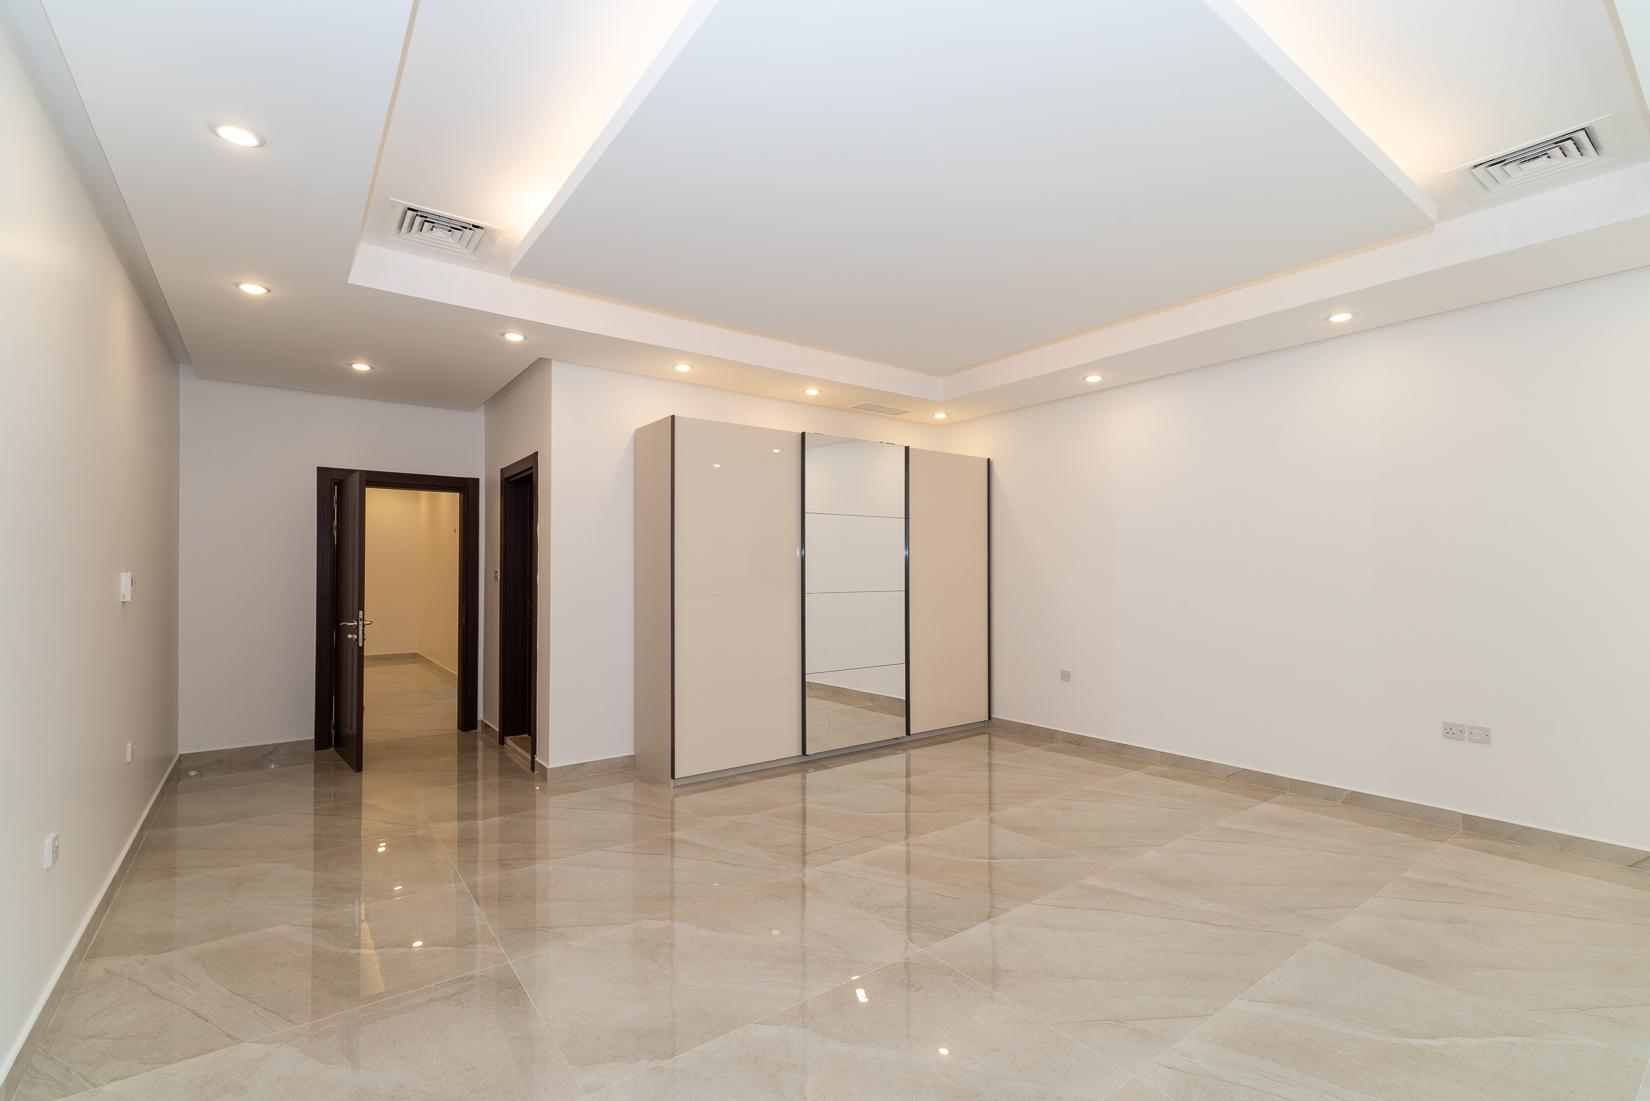 Fnaitees – new, unfurnished four bedroom floors